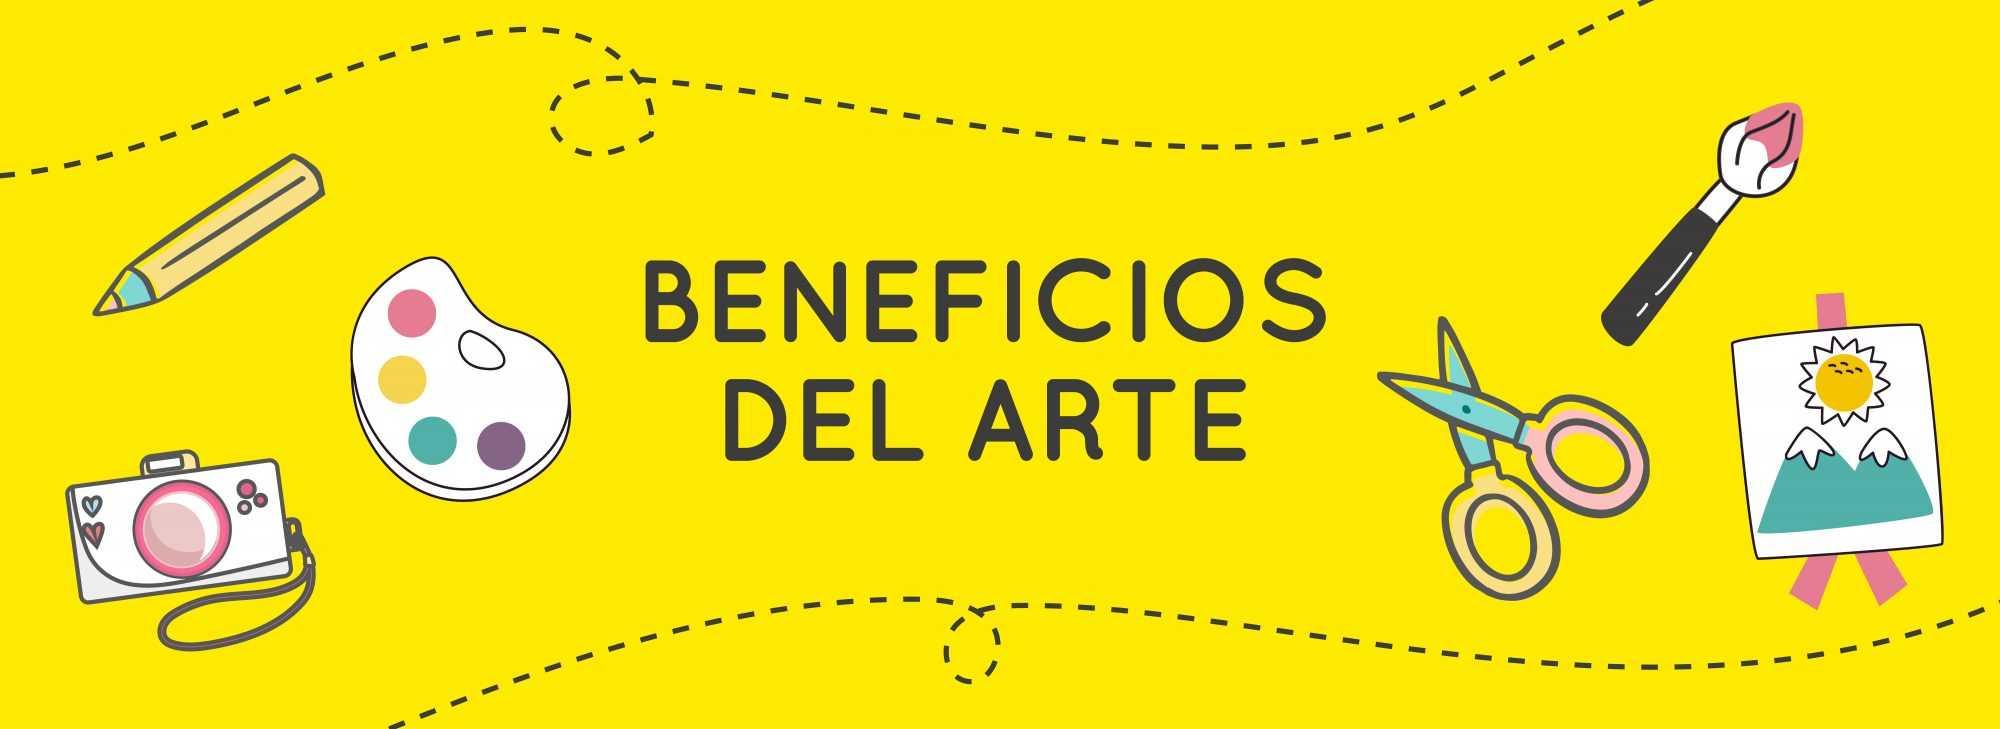 BeneficiosdelArte_dadu